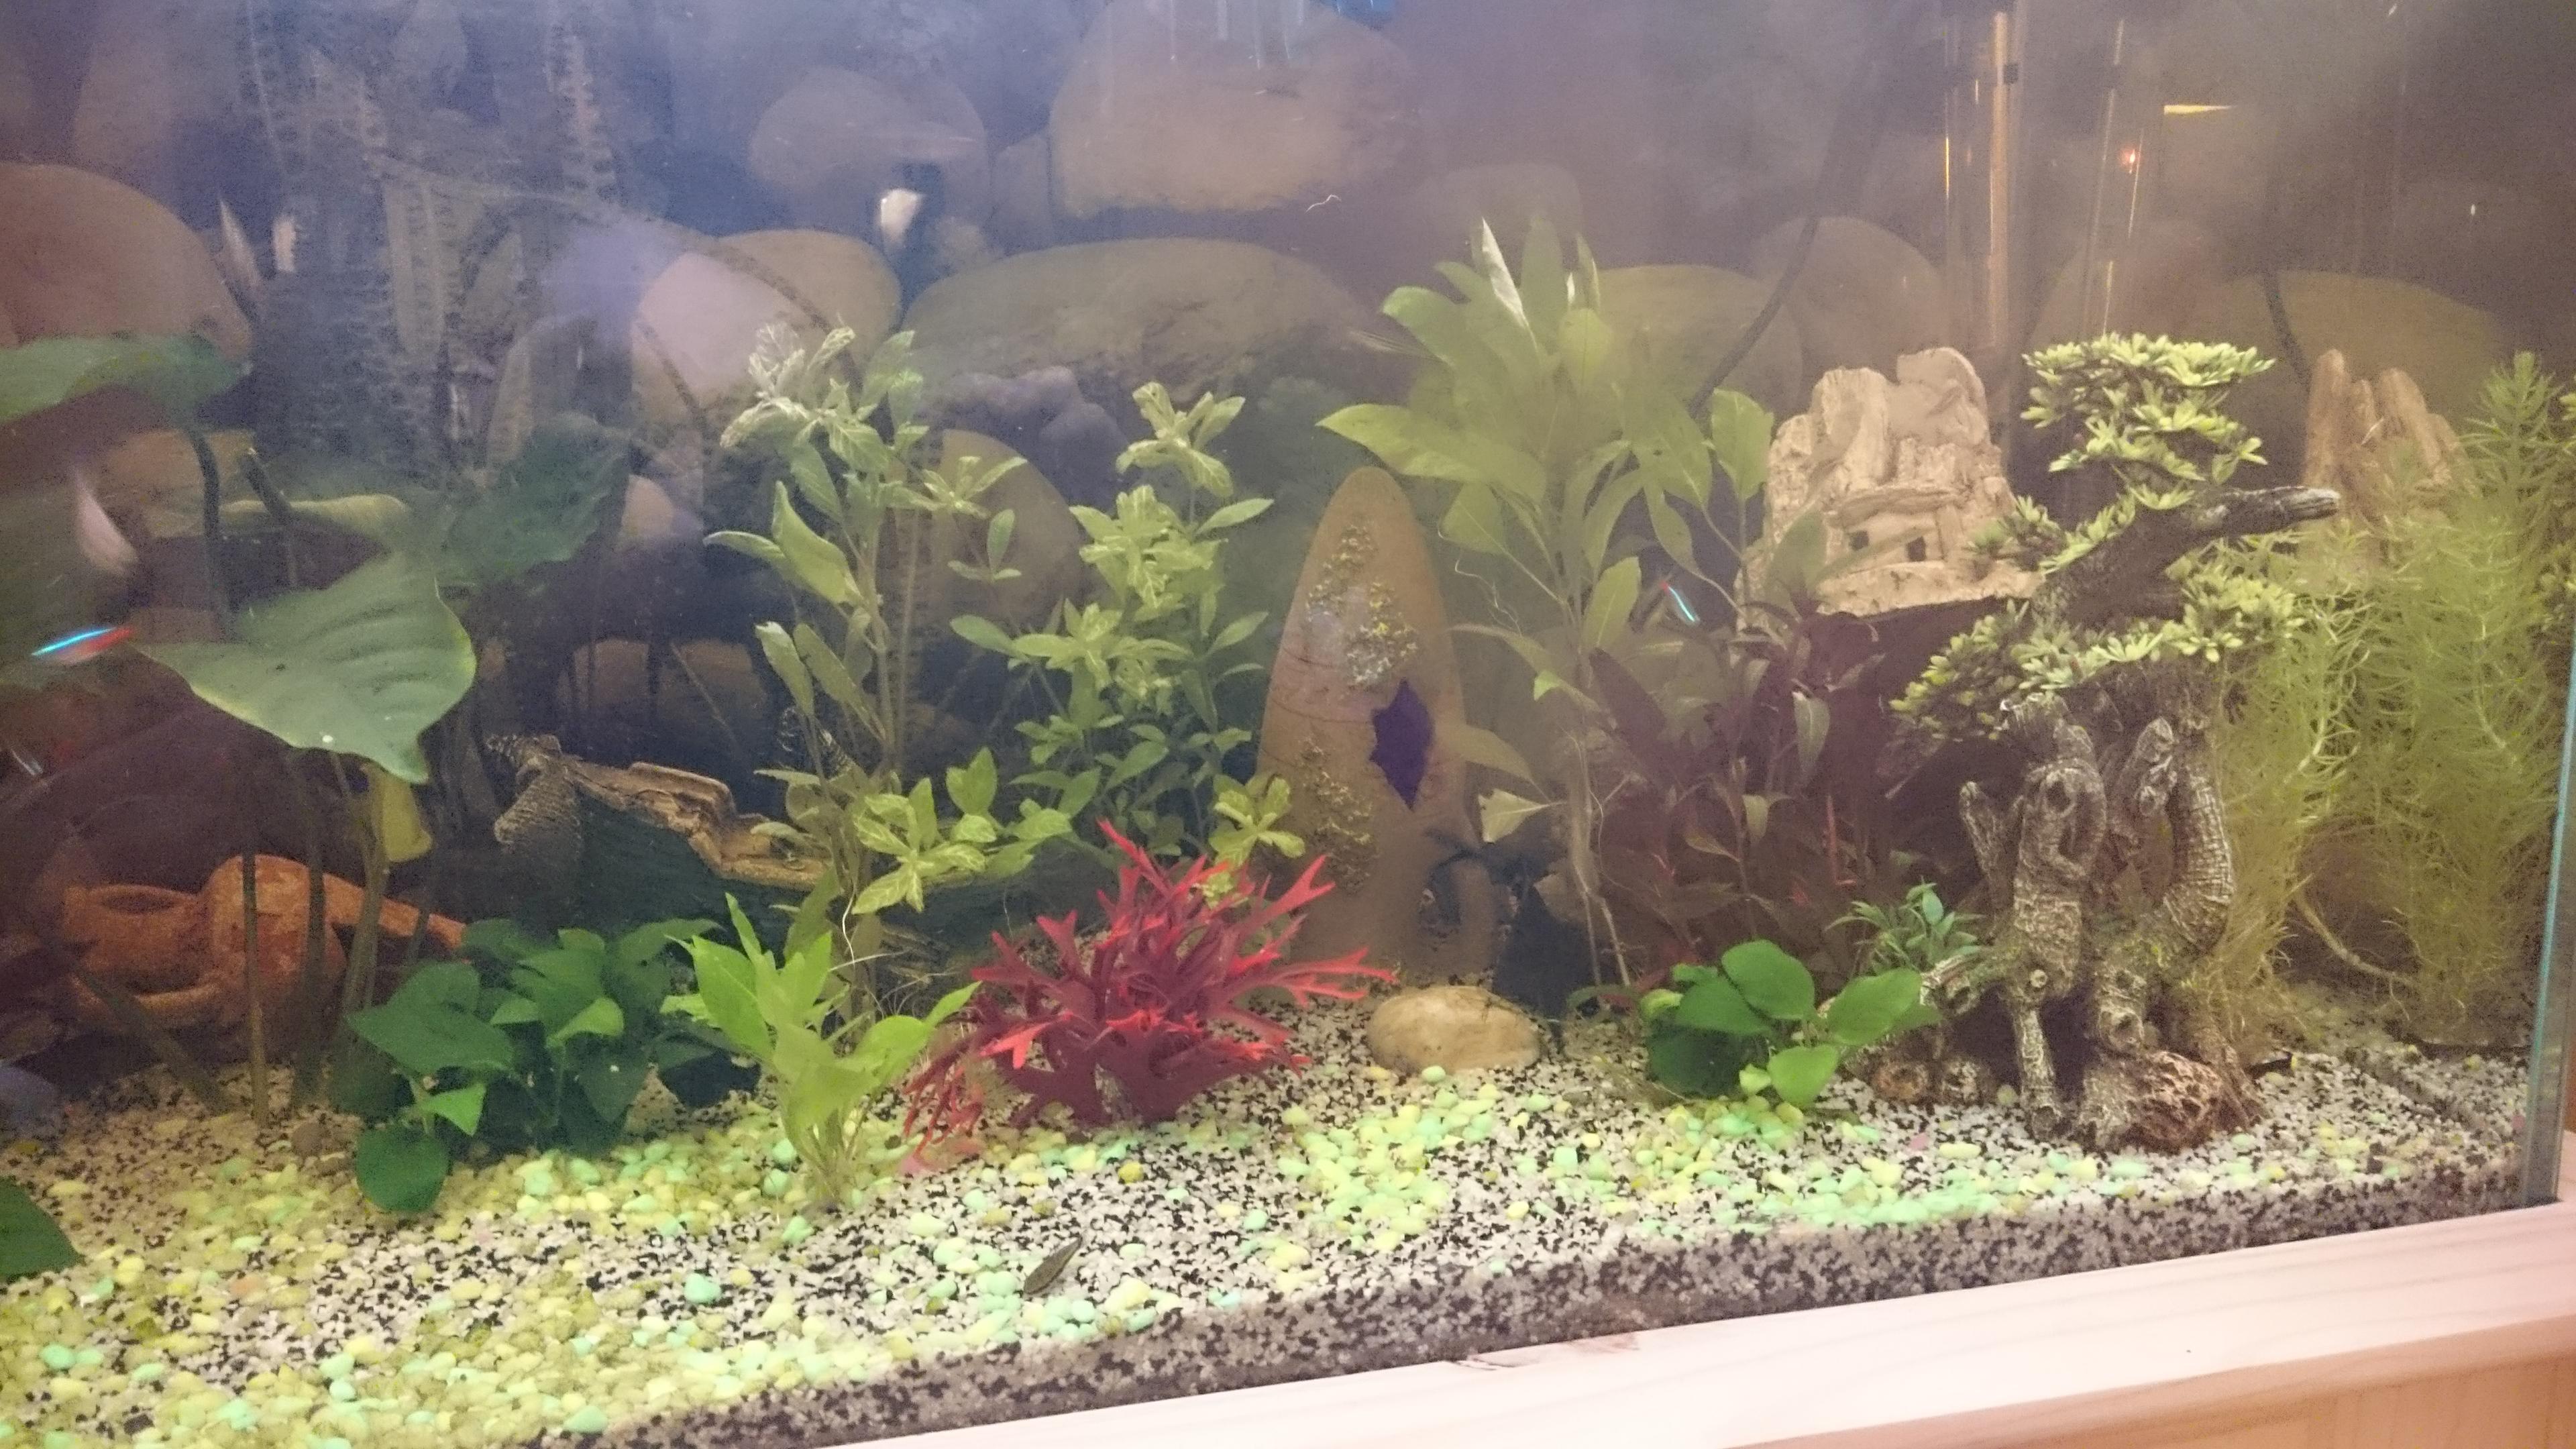 http://kimikooo.free.fr/Aquarium/DSC_0261.JPG